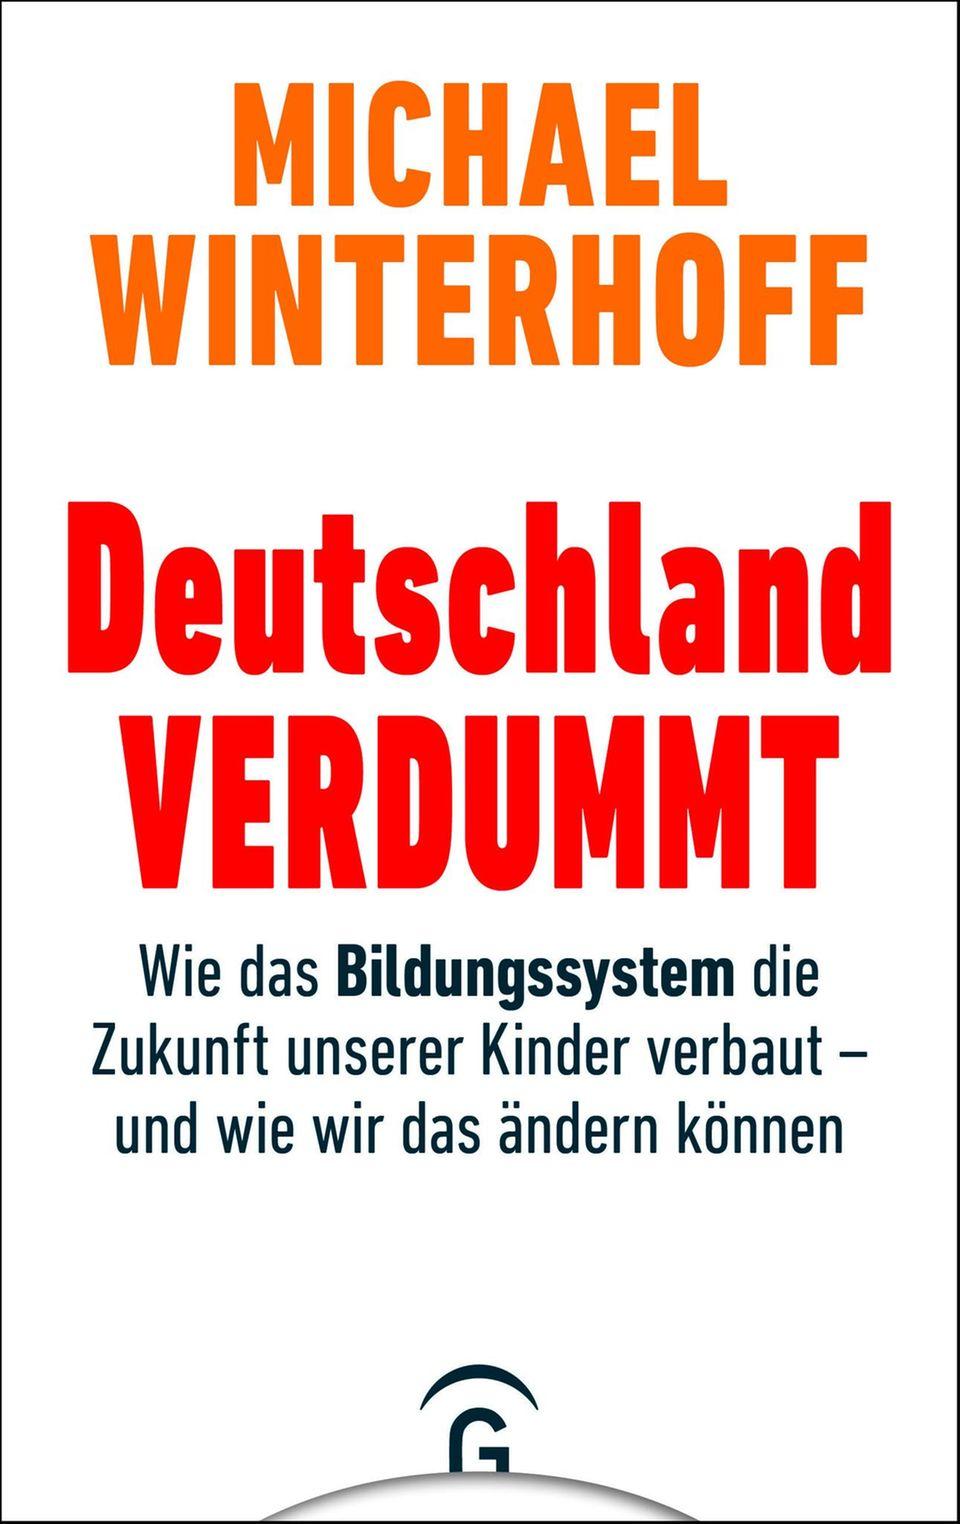 """""""Deutschland verdummt – Wie das Bildungssystem die Zukunft unserer Kinder verbaut"""" von Michael Winterhoff, Gütersloher Verlagshaus, 20 Euro, hier bestellbar"""